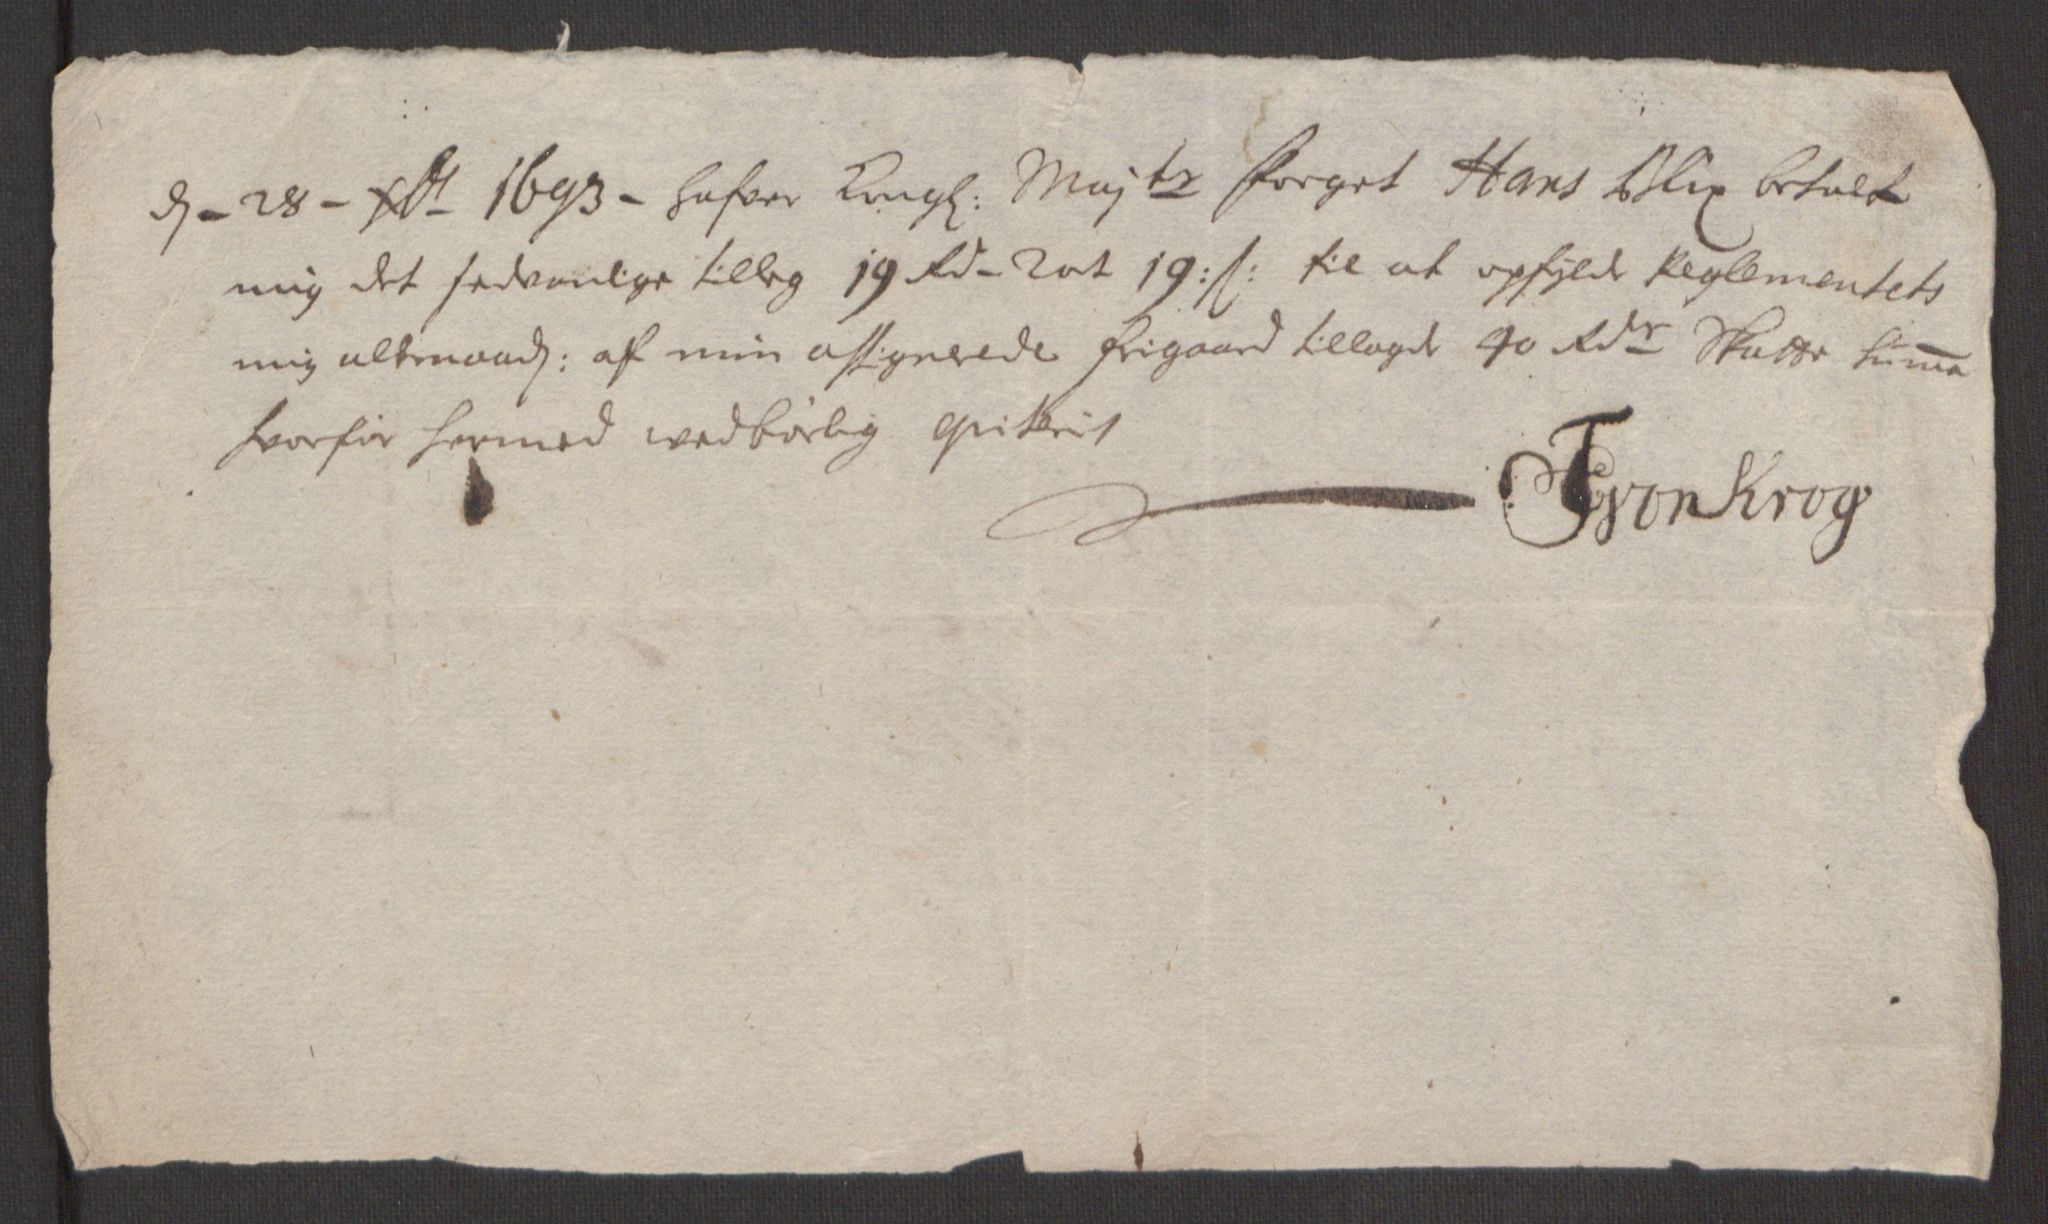 RA, Rentekammeret inntil 1814, Reviderte regnskaper, Fogderegnskap, R52/L3307: Fogderegnskap Sogn, 1693-1694, s. 244